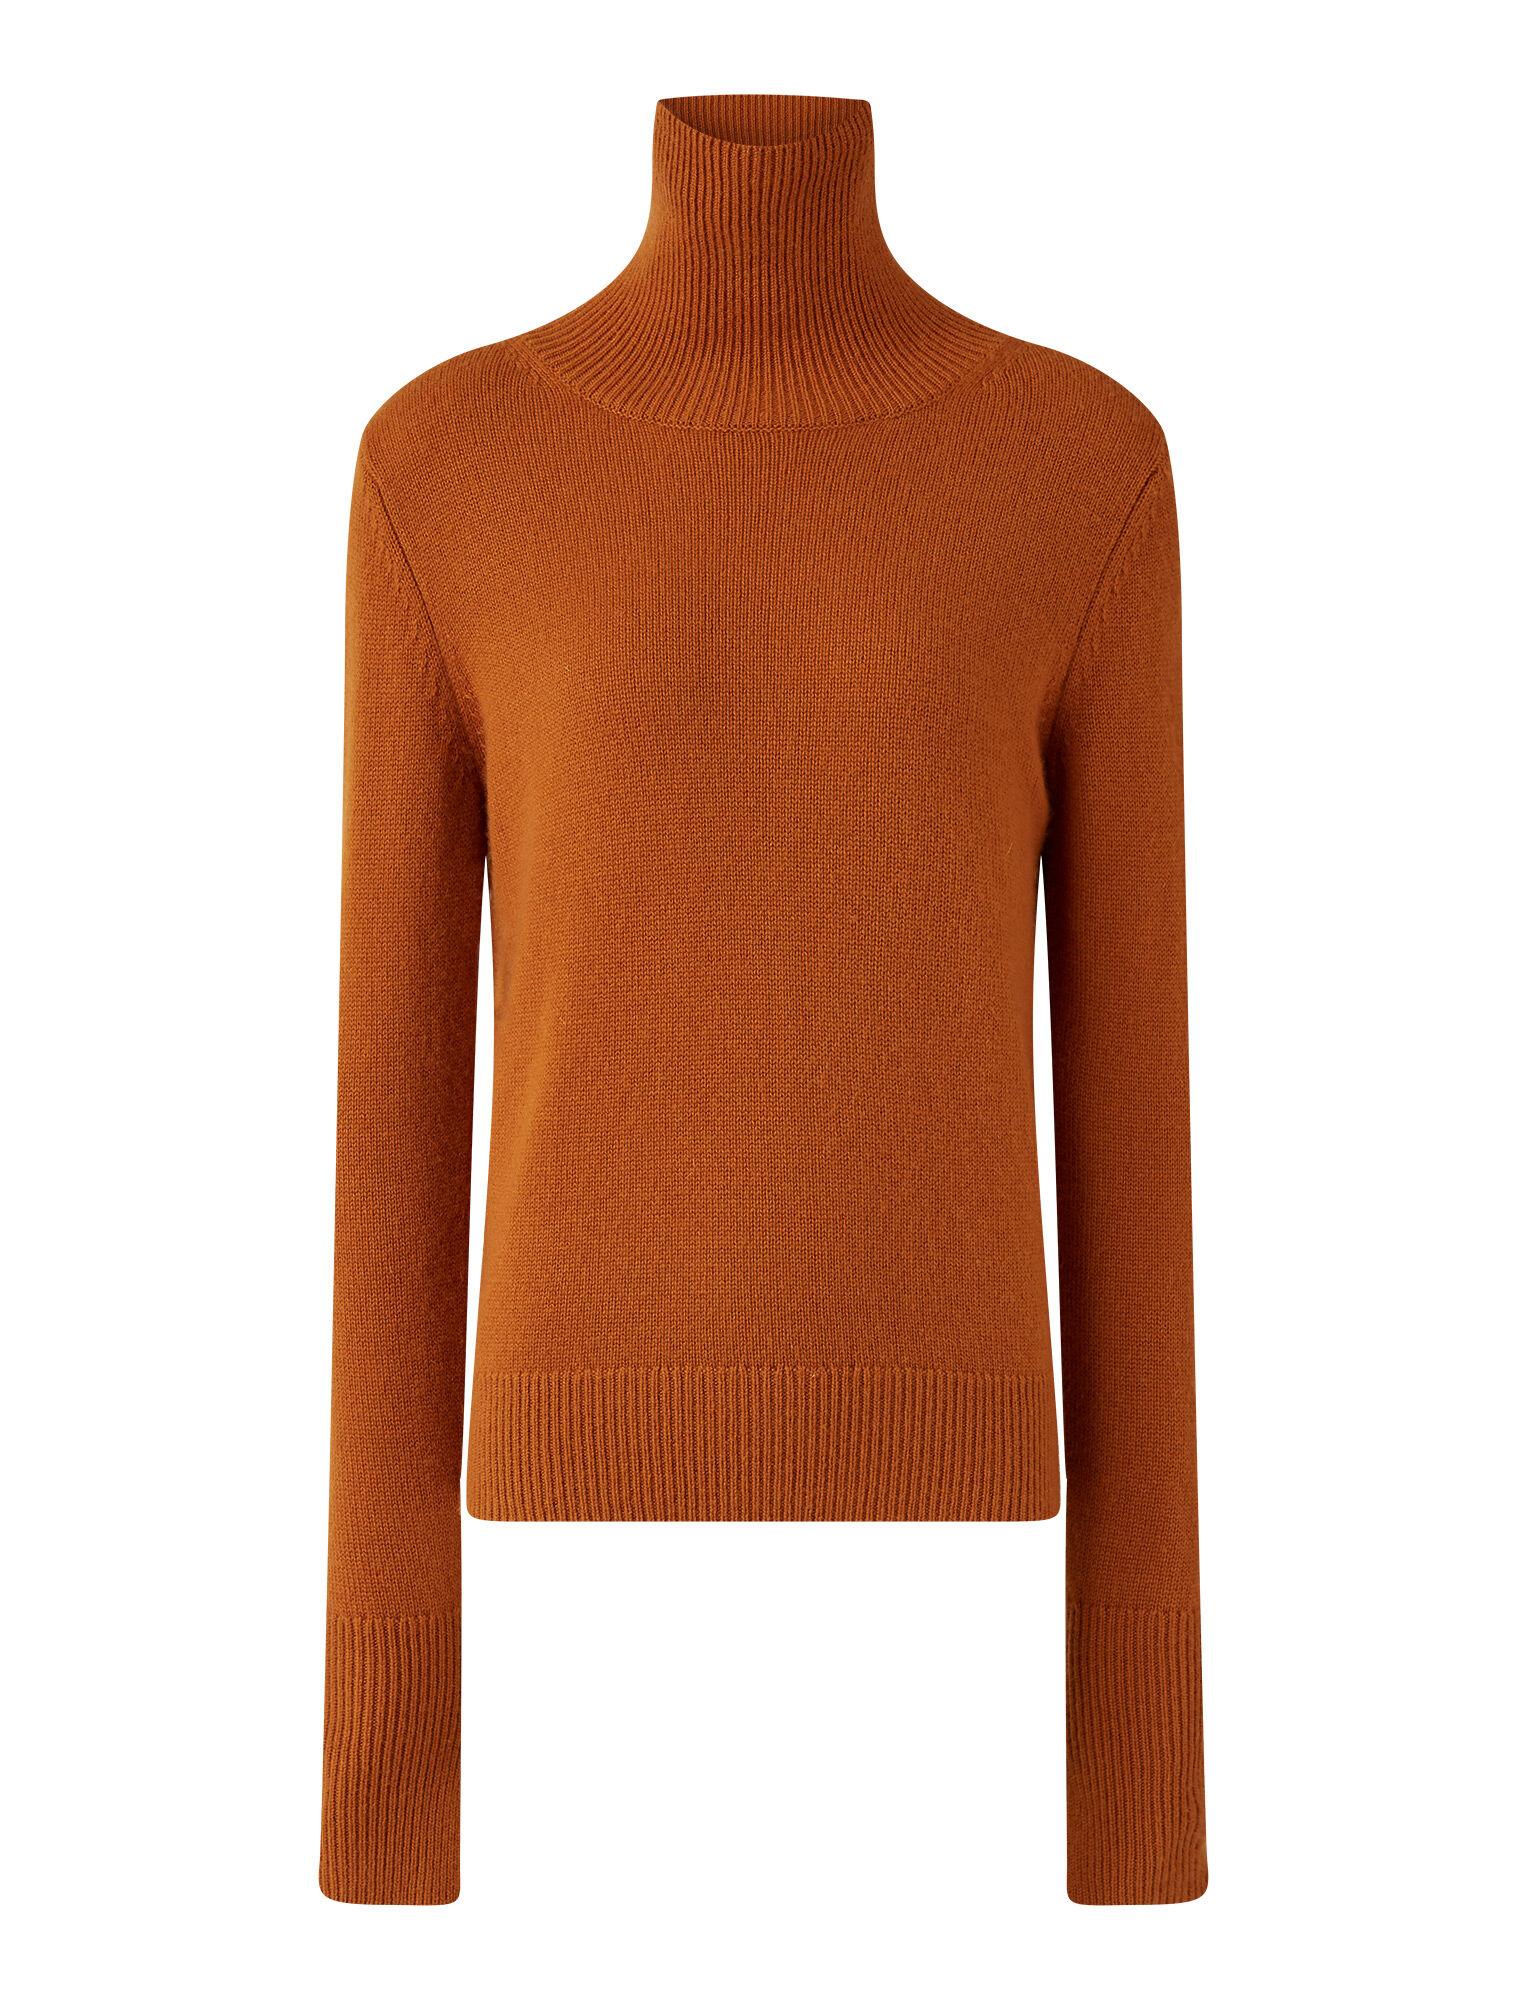 Joseph, High Neck Pure Cashmere Knit, in Fox